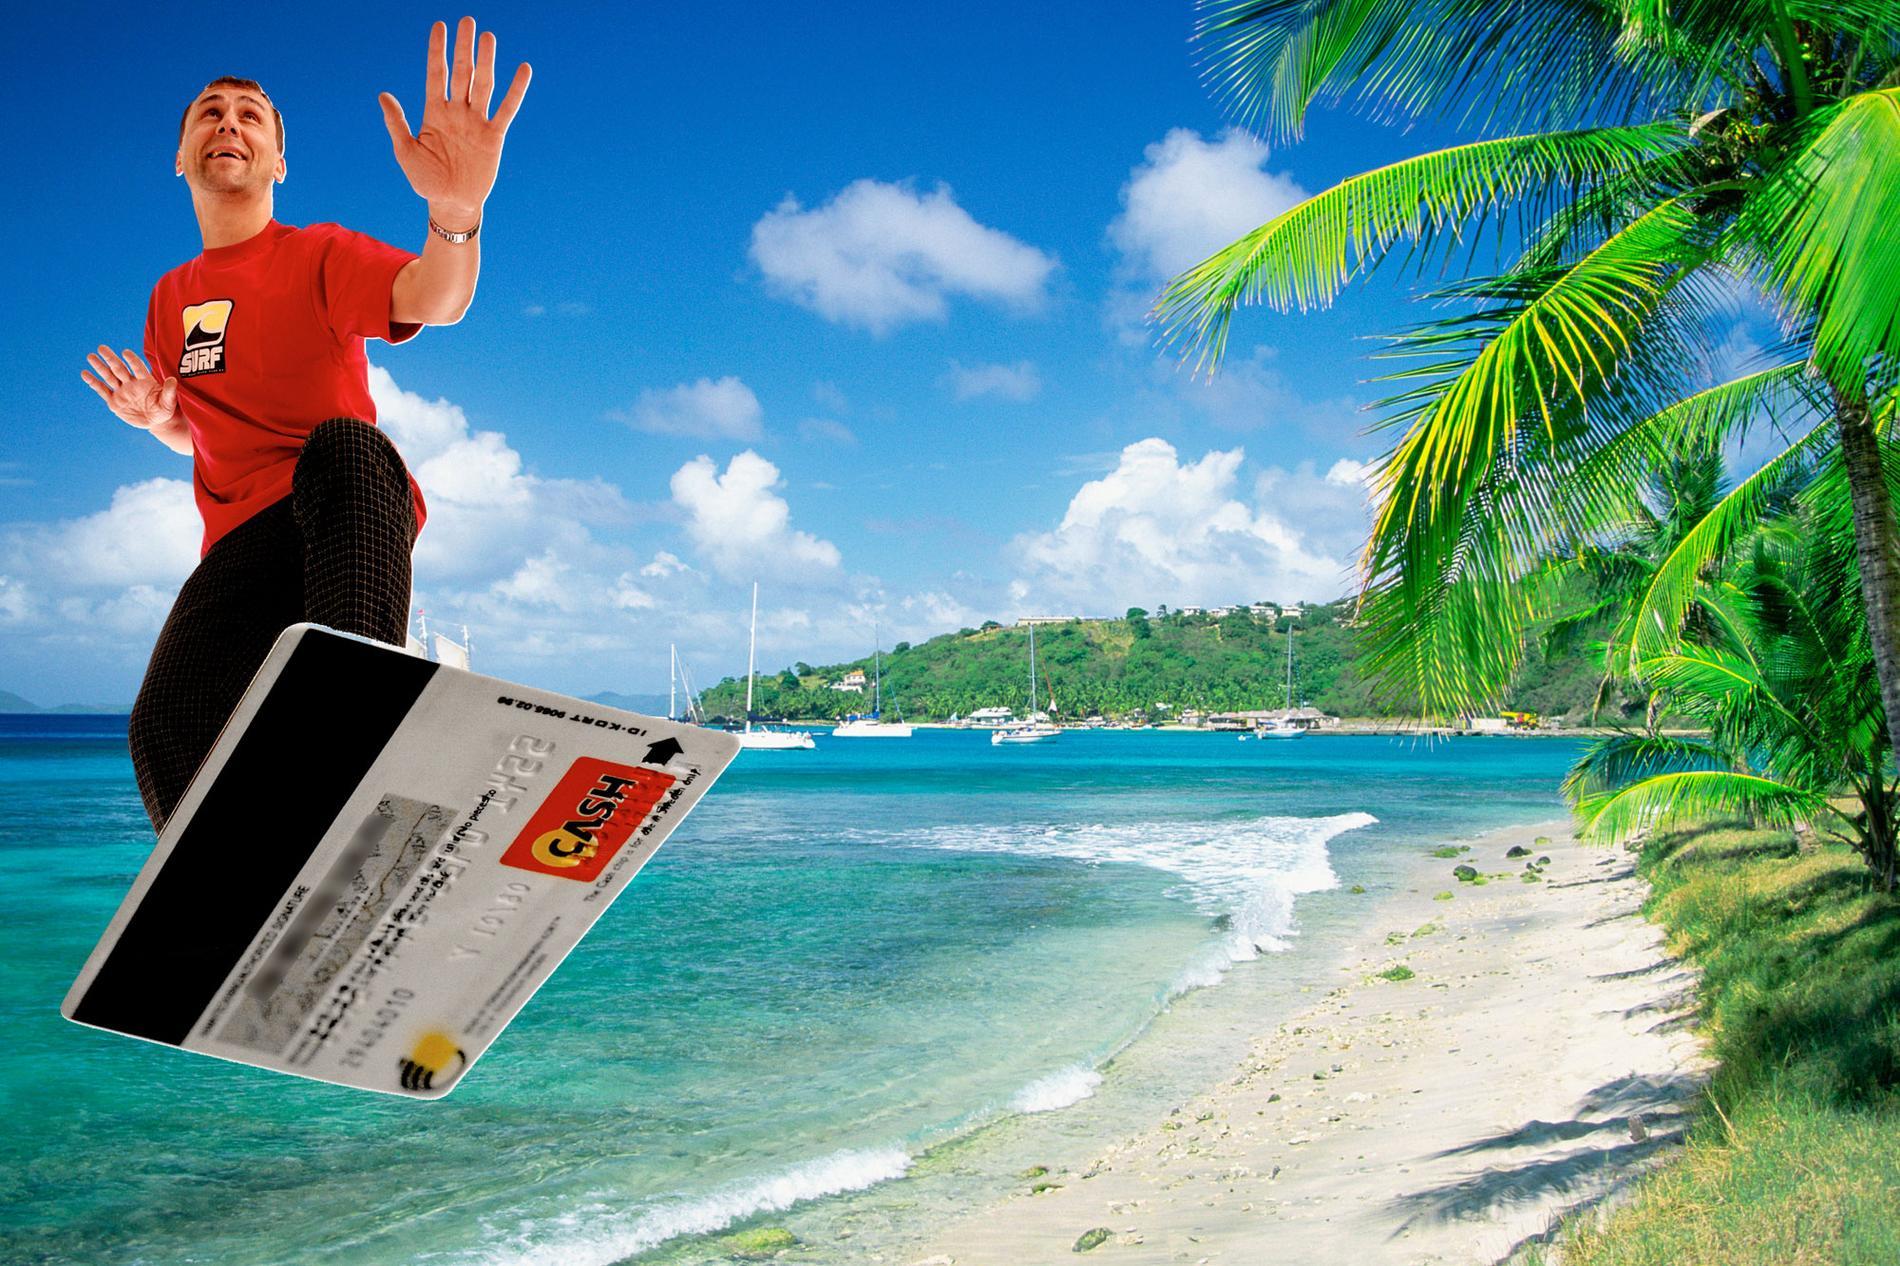 Du kan spara mycket pengar på att boka och resa med rätt bank- eller kreditkort.